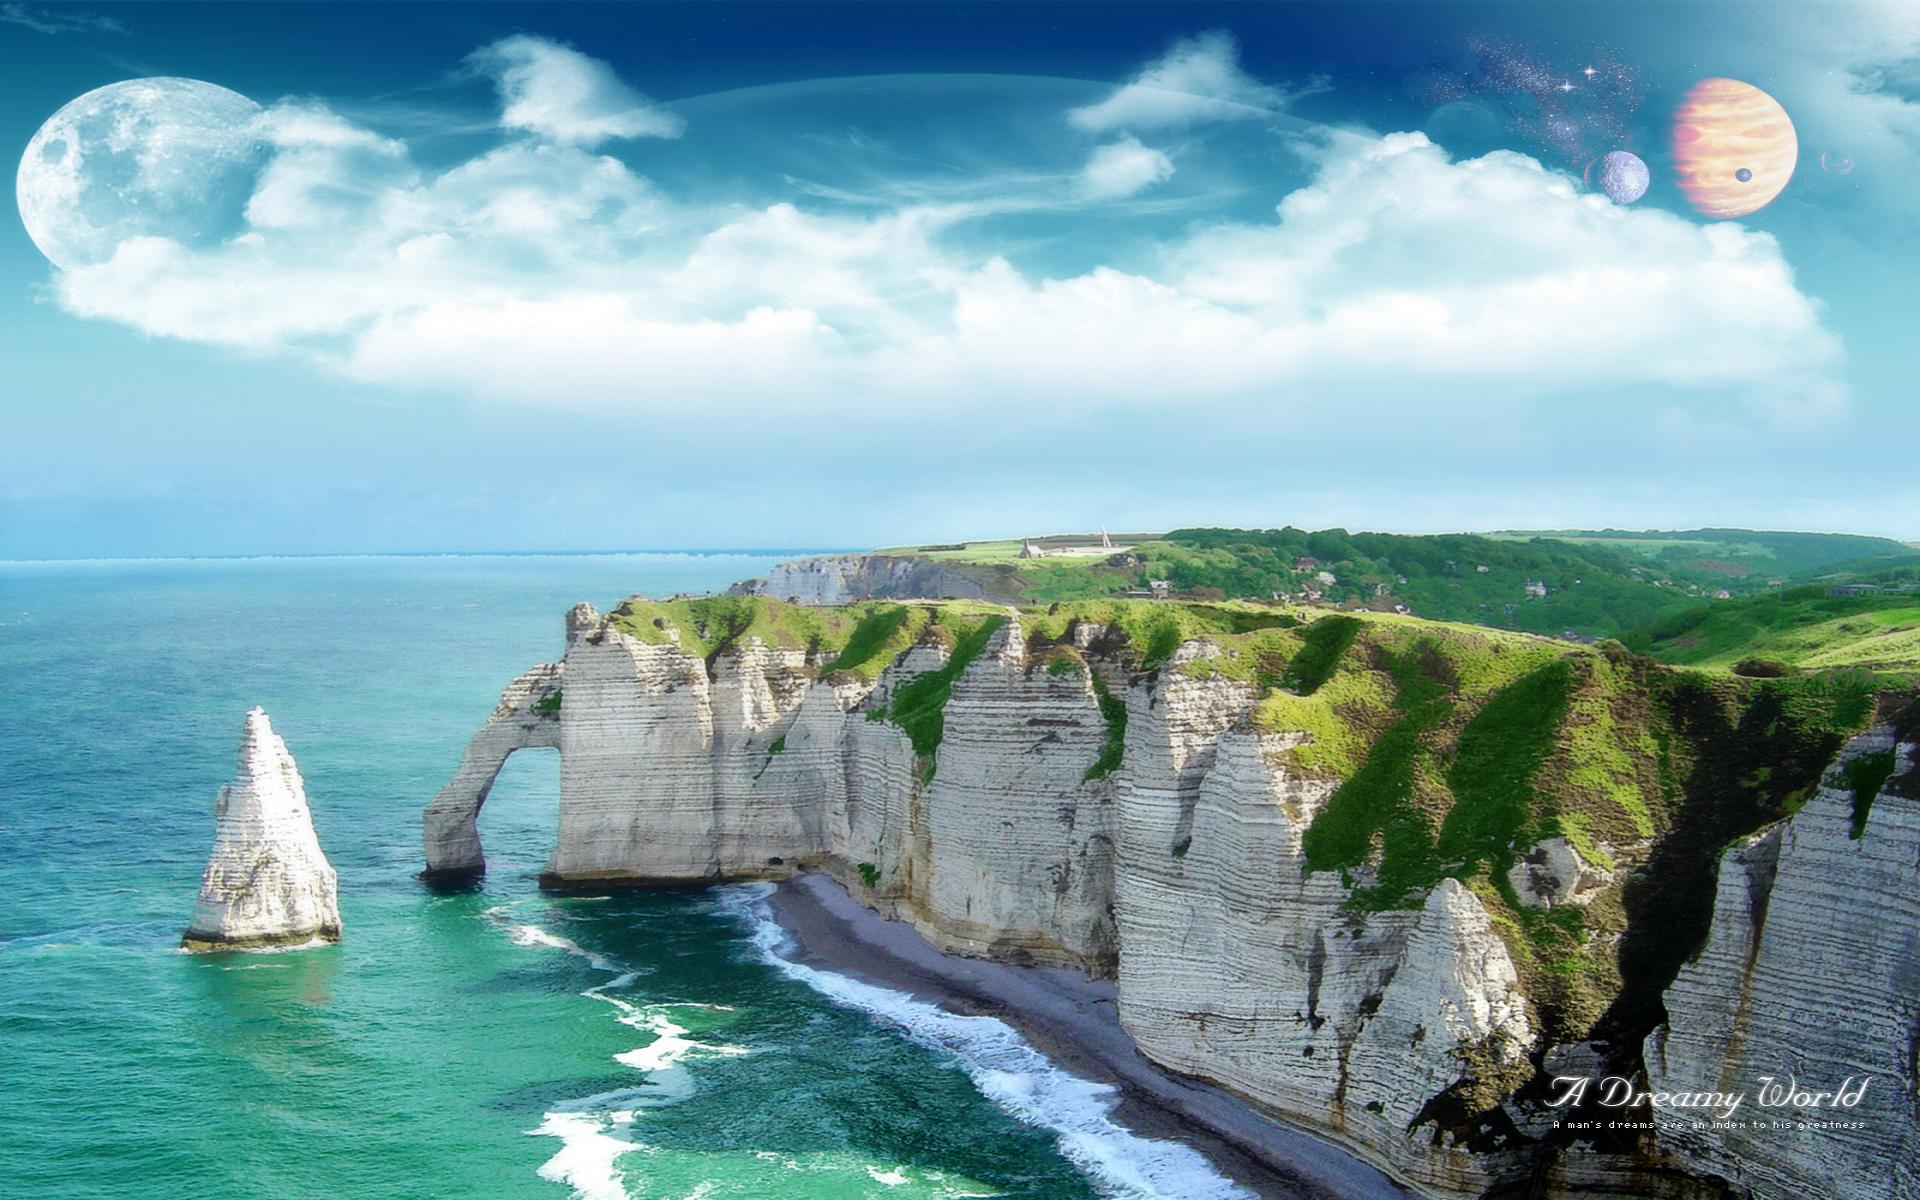 cliffs-wallpaper-wp6002716